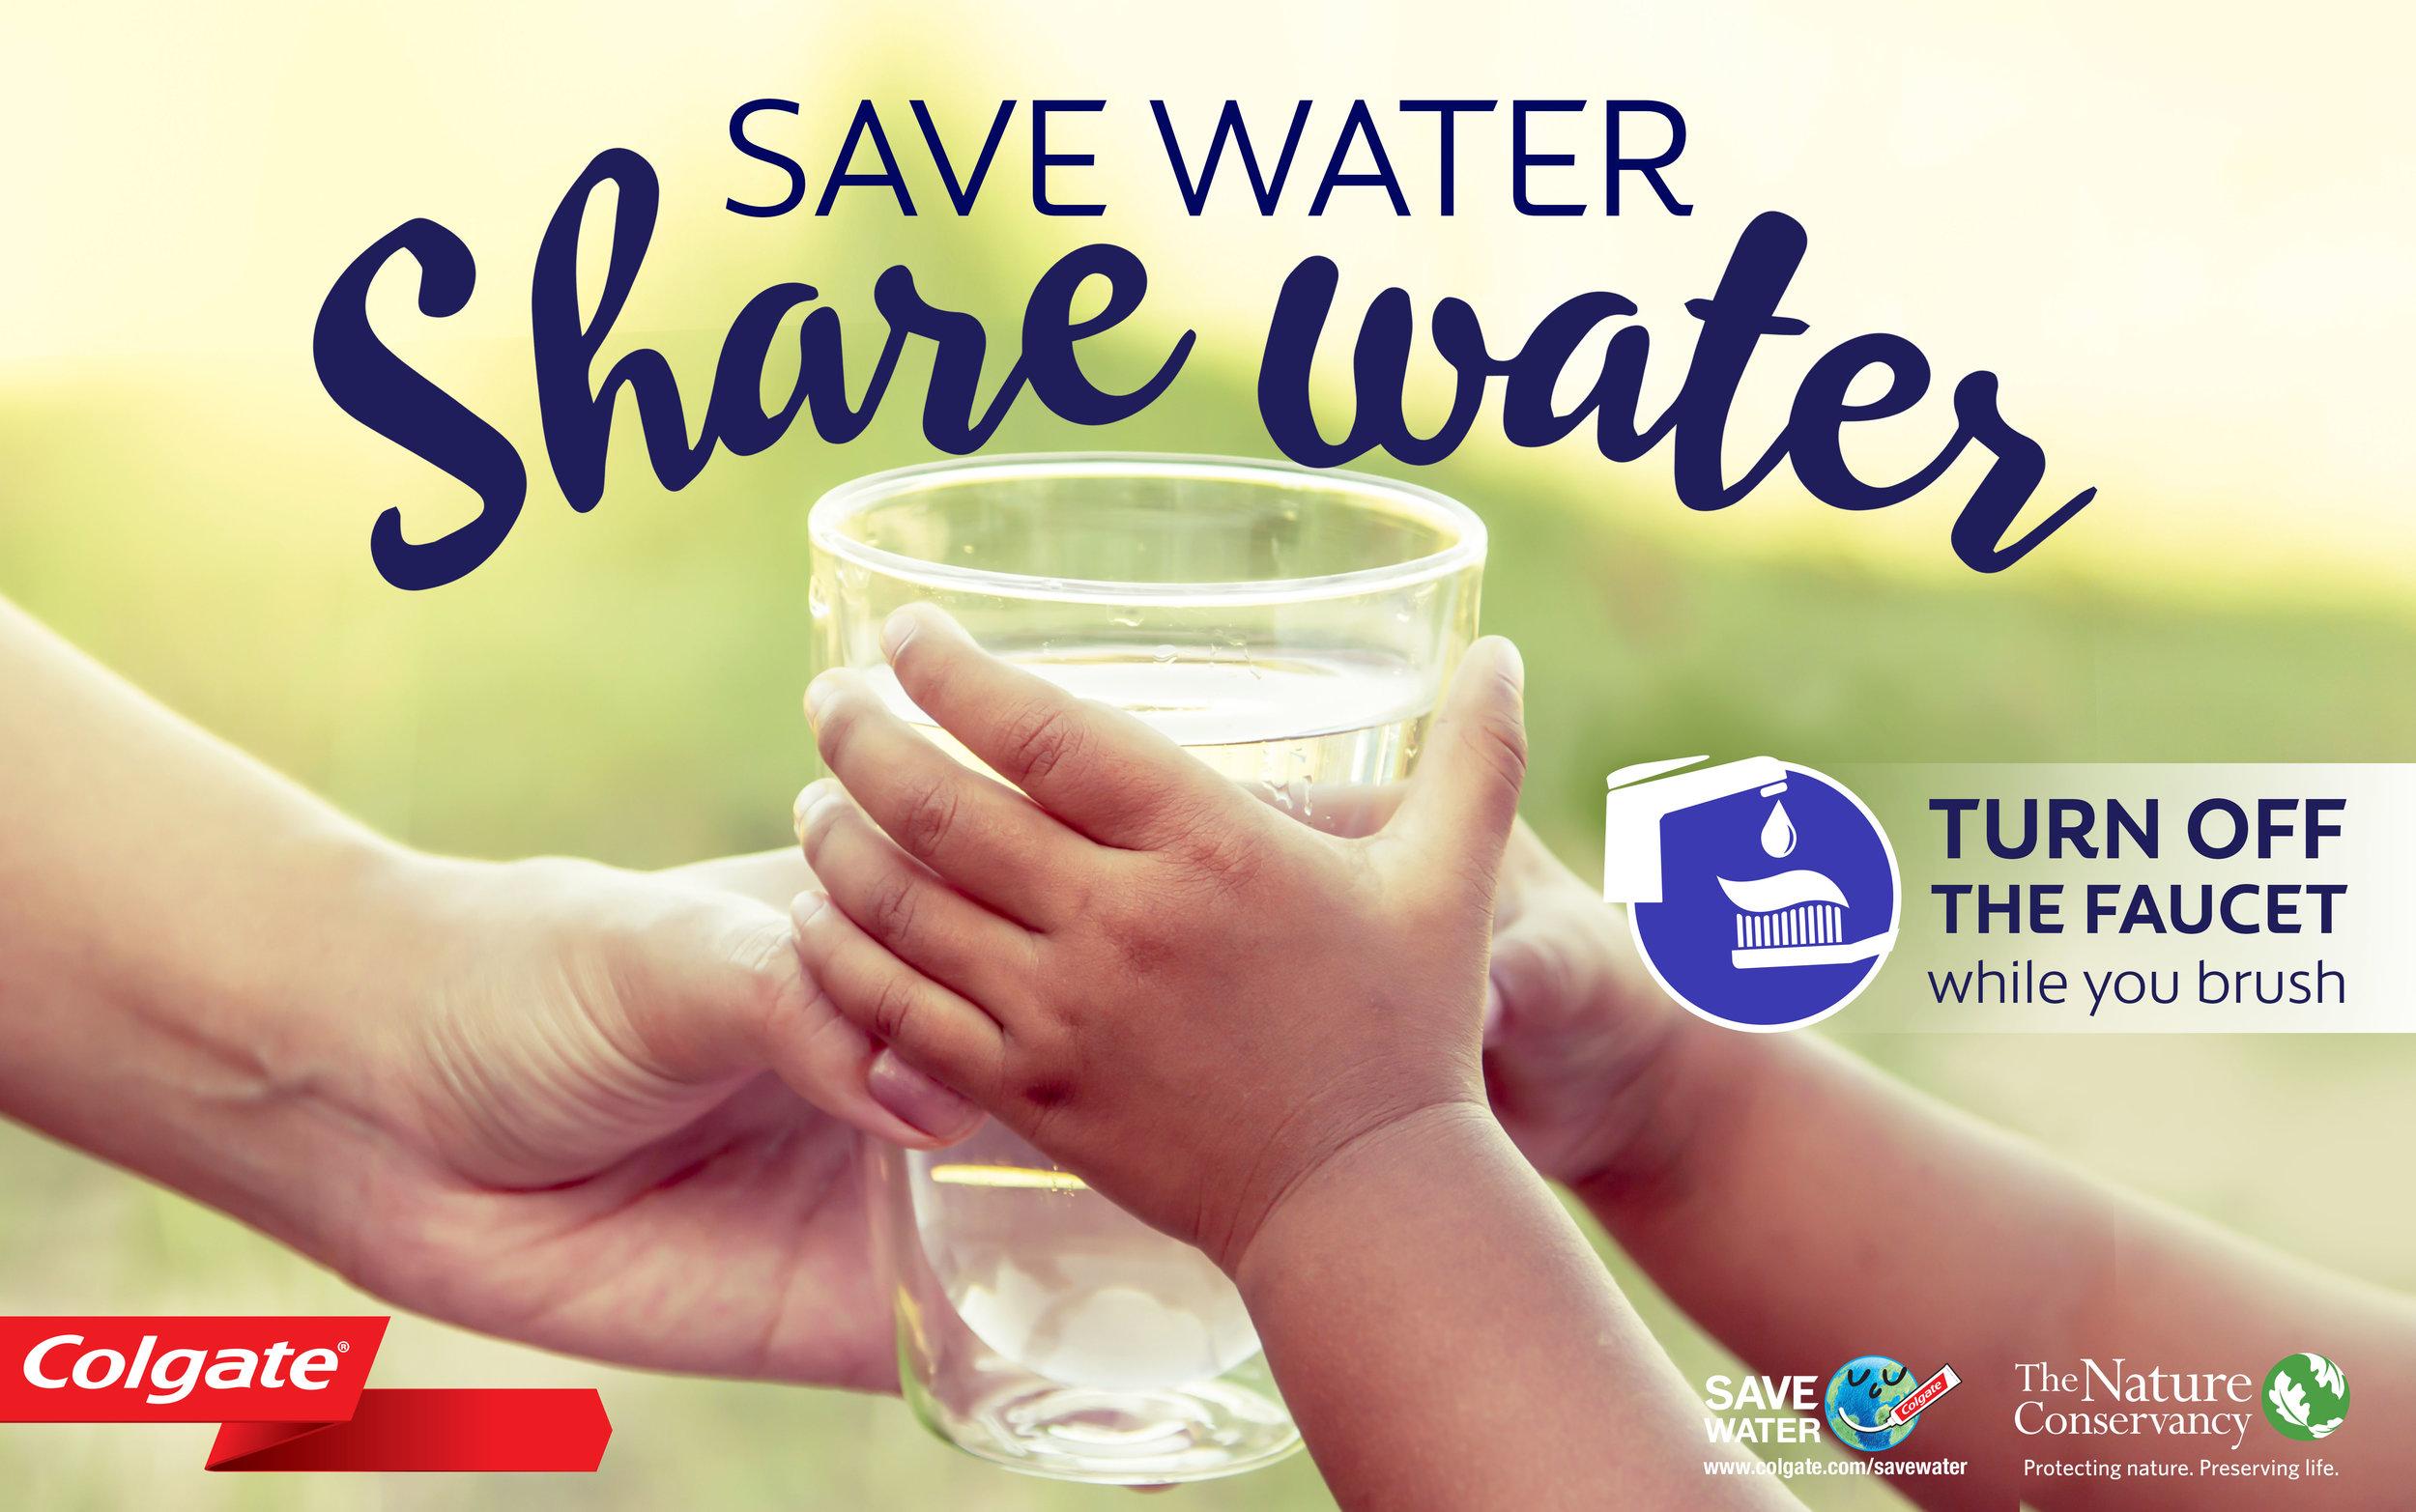 SaveWater_KV_2.jpg